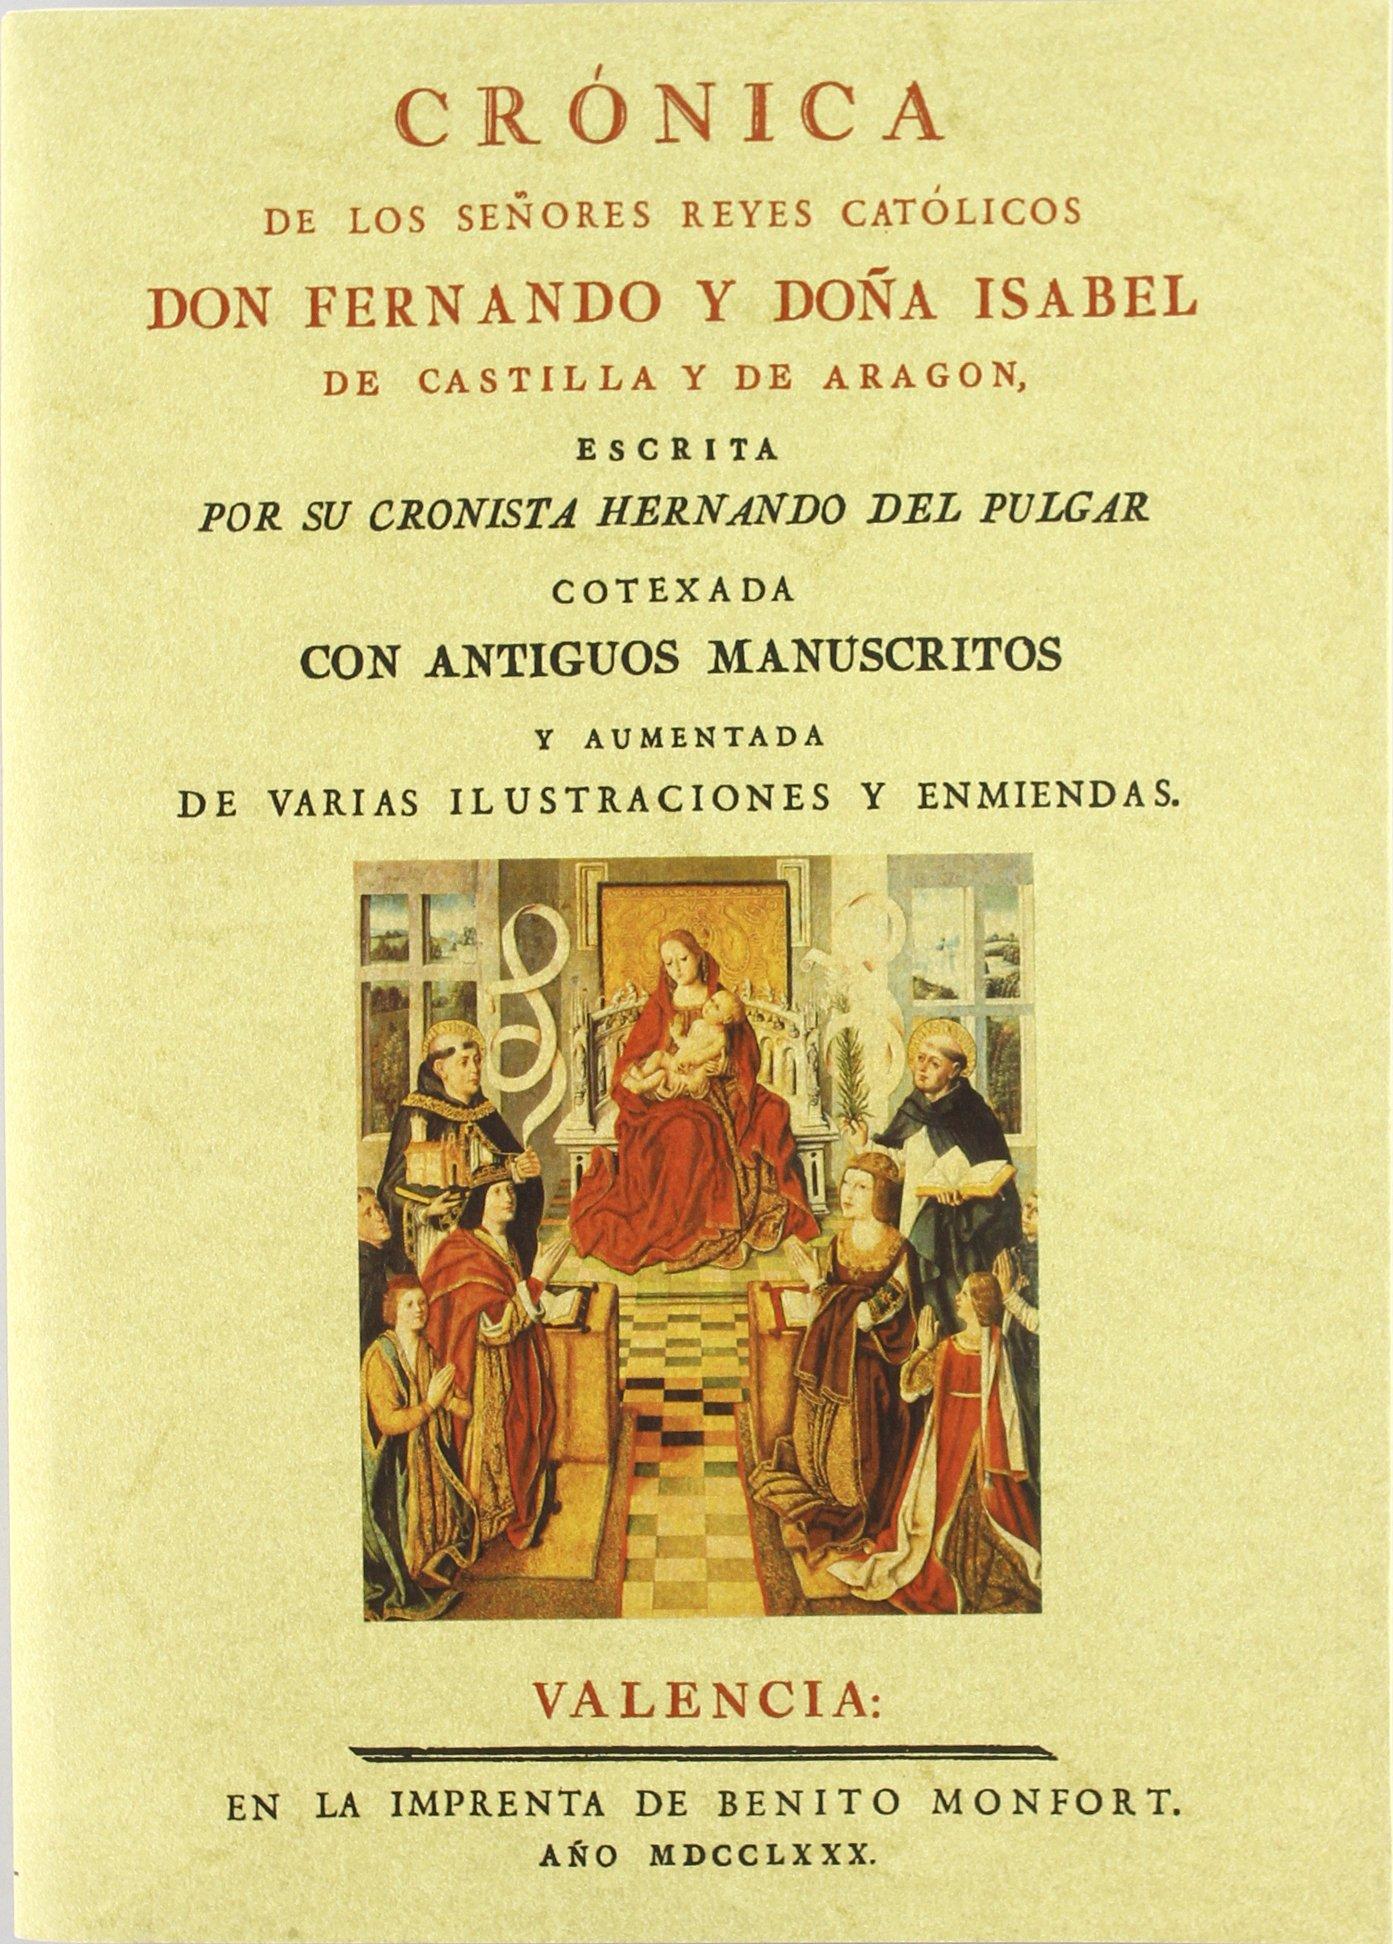 Cronica de los señores Reyes Catolicos Don Fernando y Donna Isabel: Amazon.es: del Pulgar, Hernando: Libros